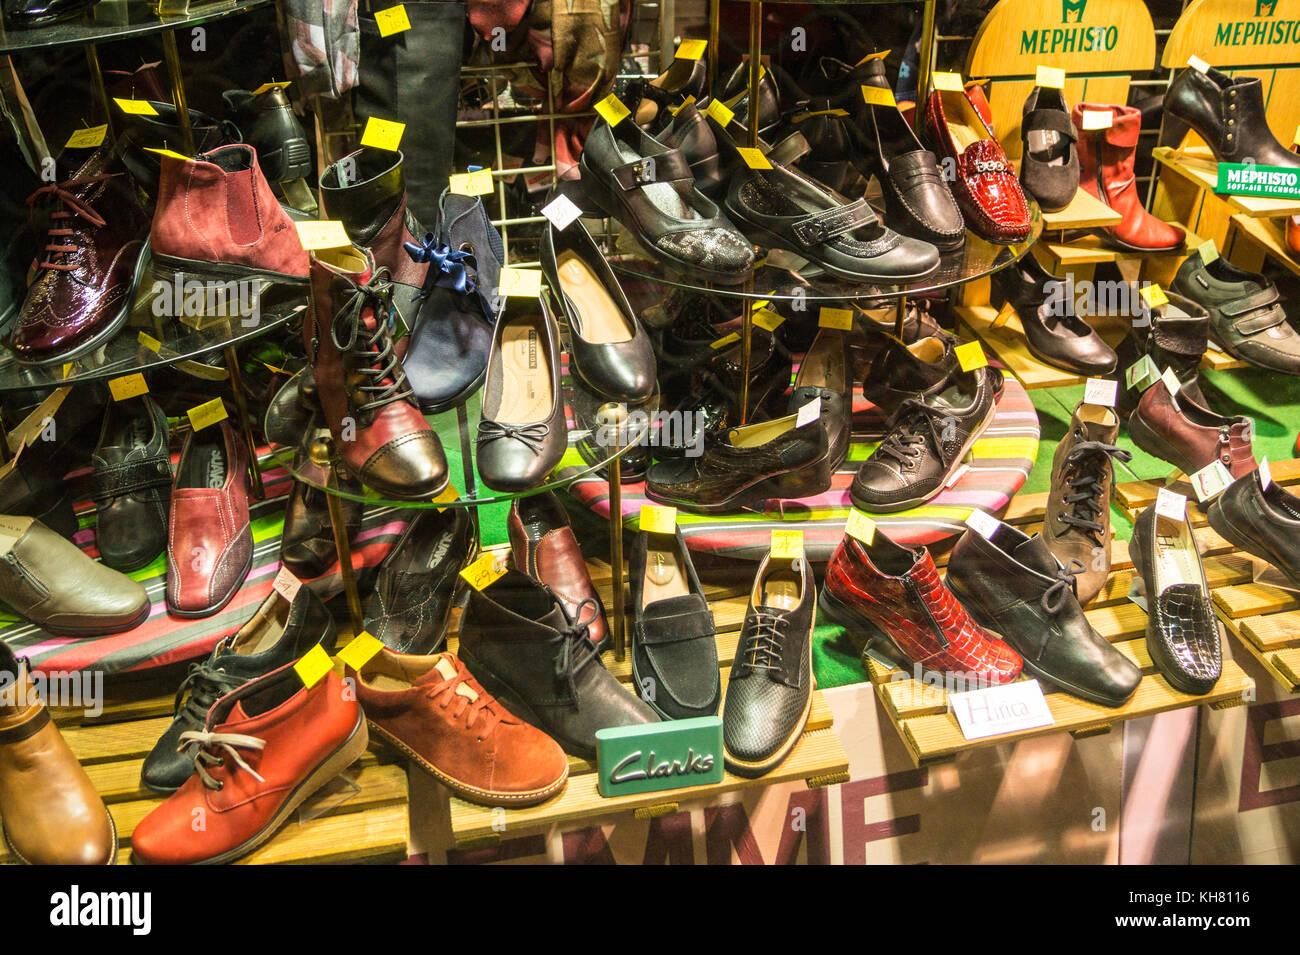 0d3b3e58d9f62c Affichage des Clarks et Mephisto chaussures de marque dans une vitrine,  Toulouse, Occitanie, France